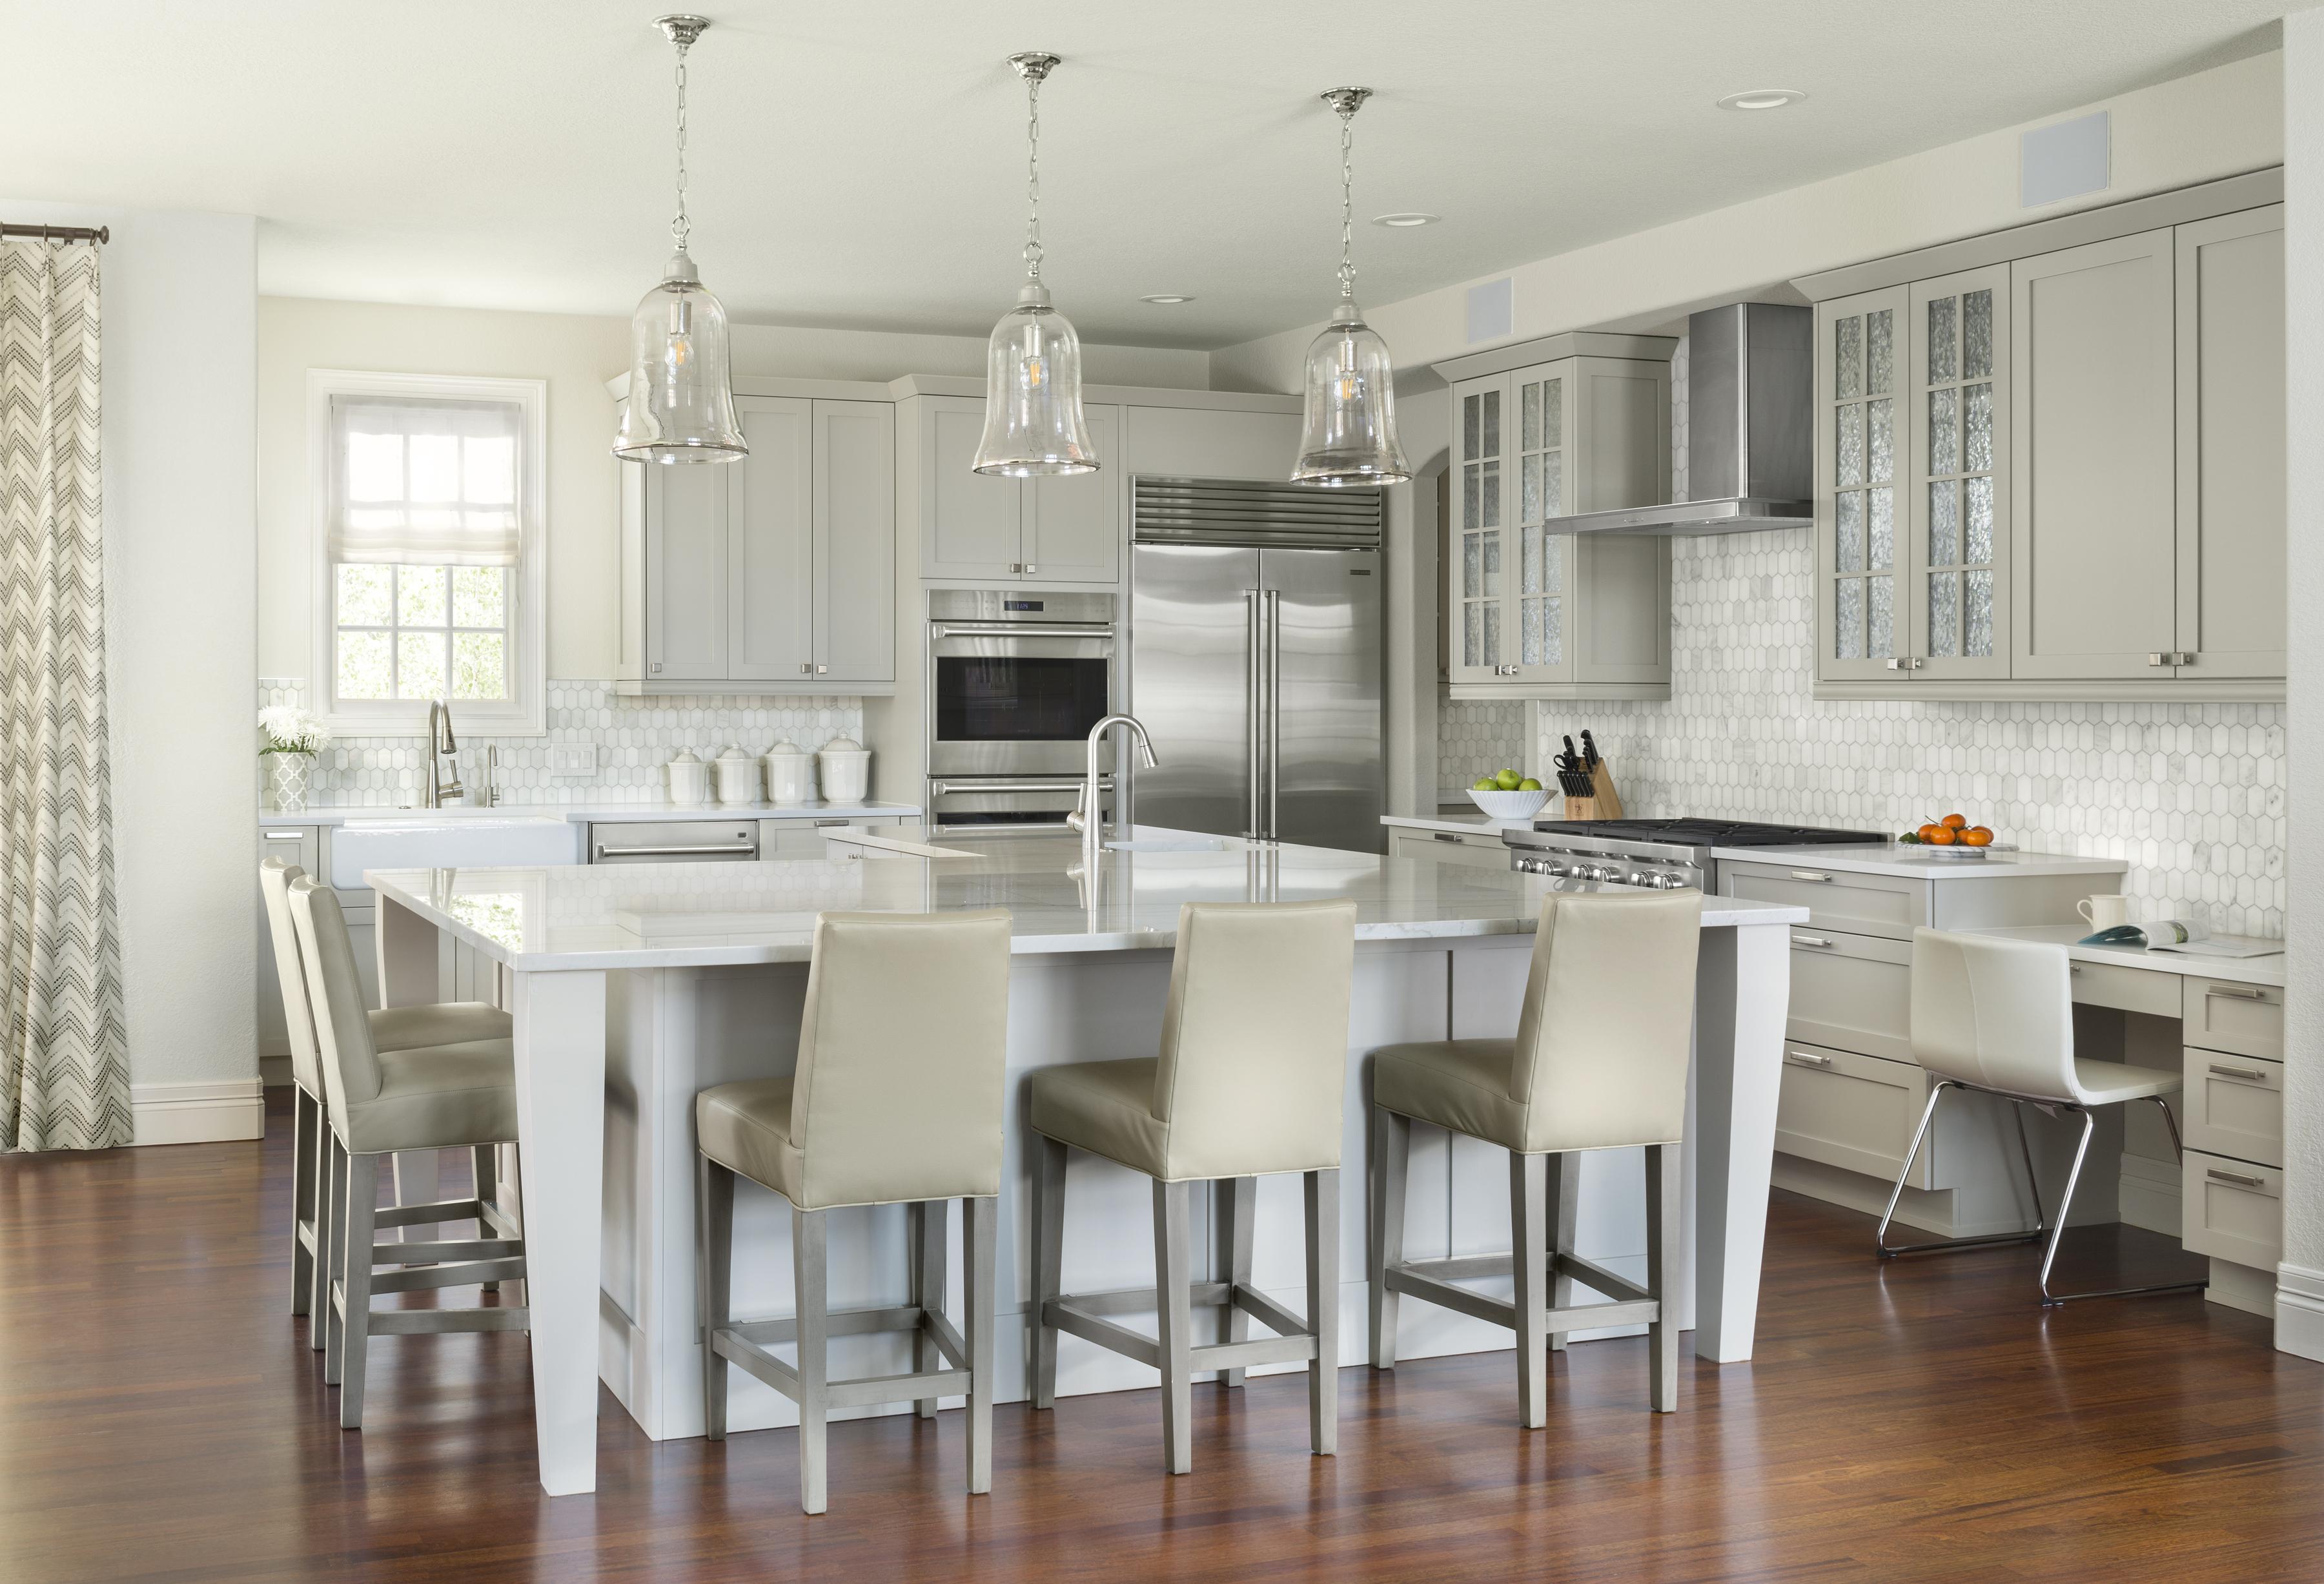 Modern Eat In Kitchen Remodel by Factor Design Build in Denver CO